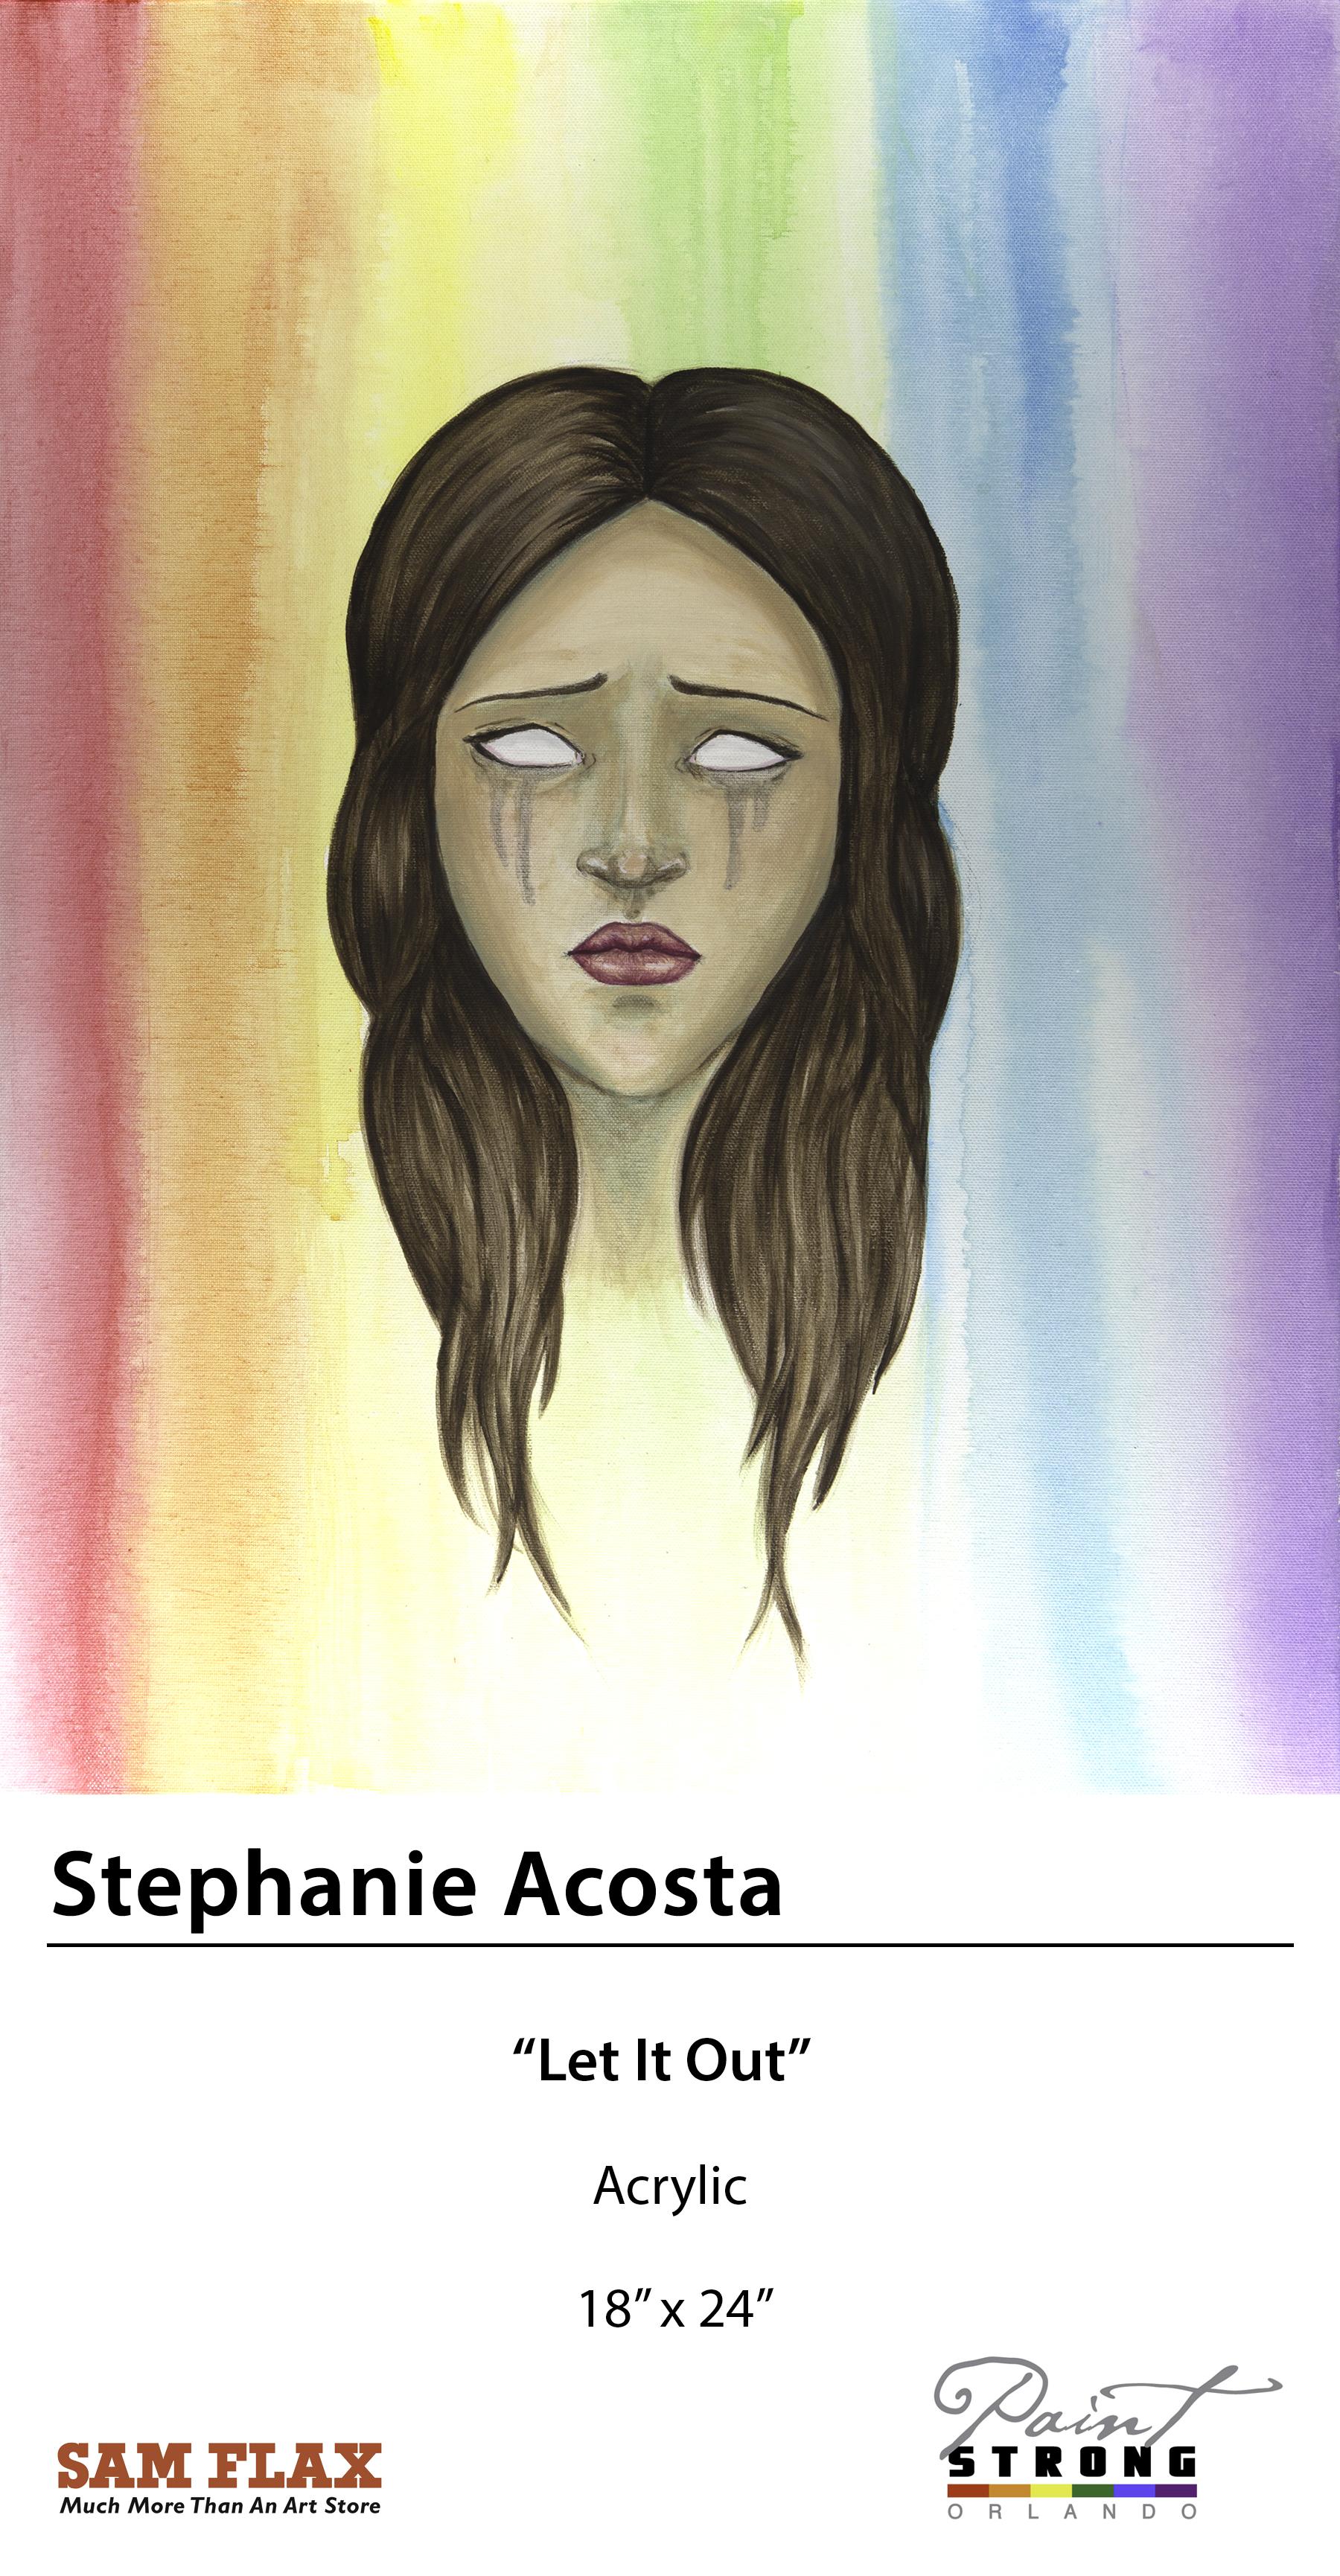 Stephanie Acosta